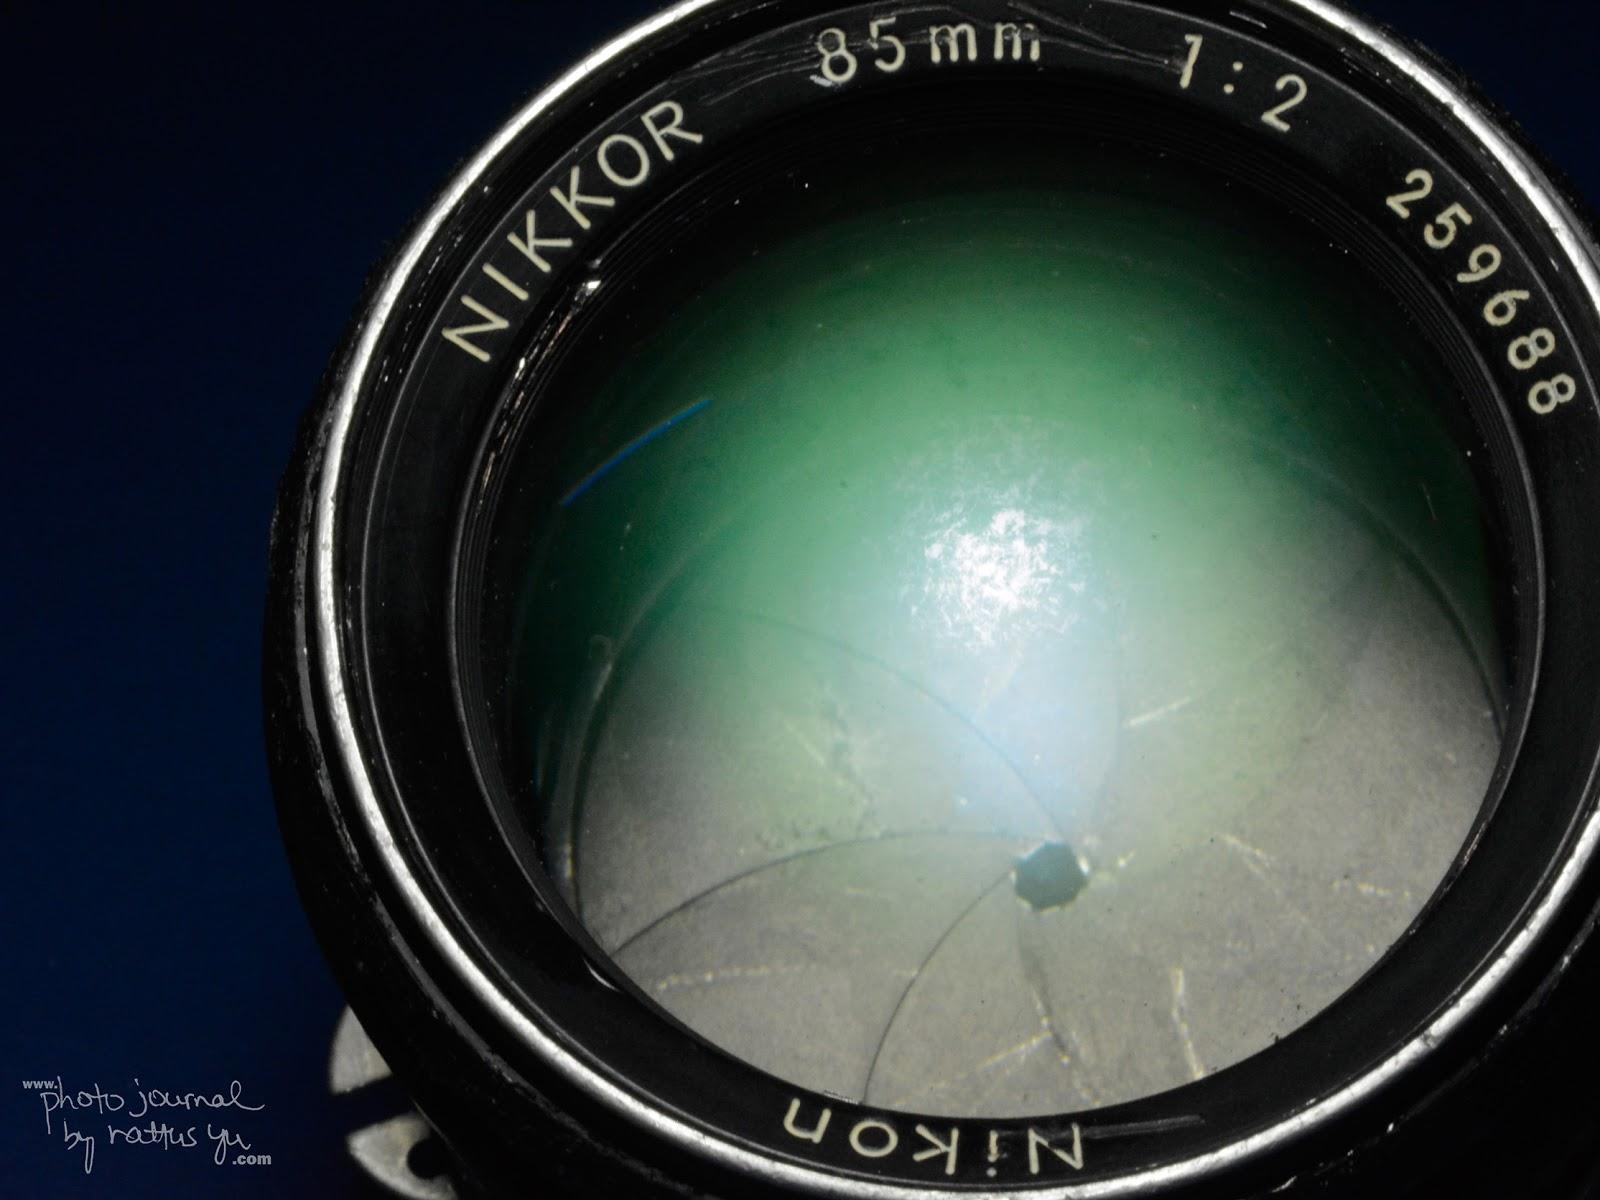 Nikko 85mm f/2 AI